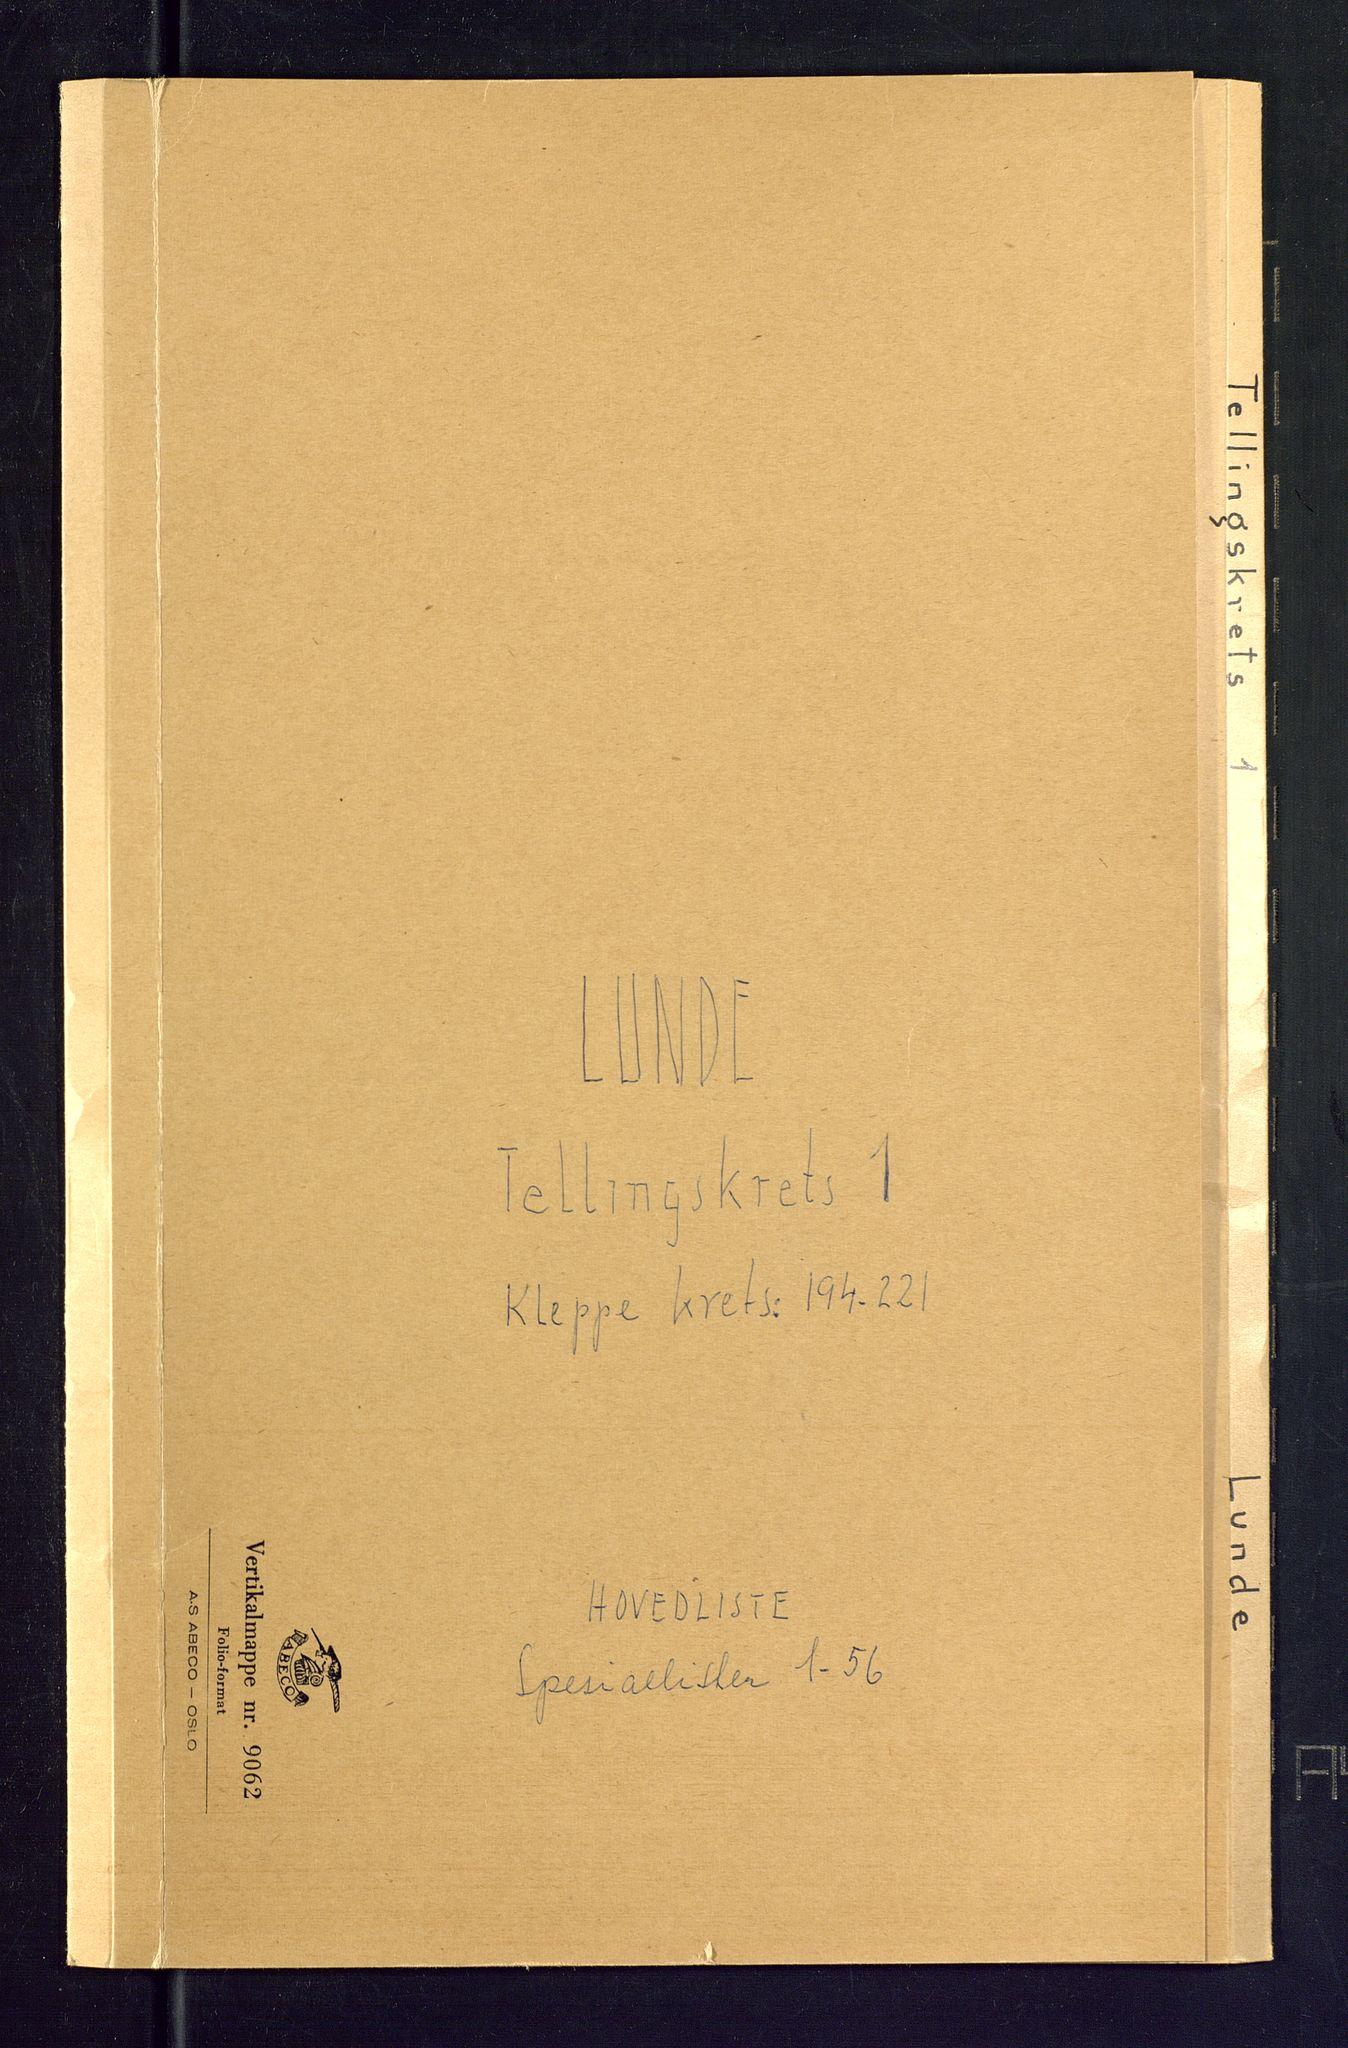 SAKO, Folketelling 1875 for 0820P Lunde prestegjeld, 1875, s. 1